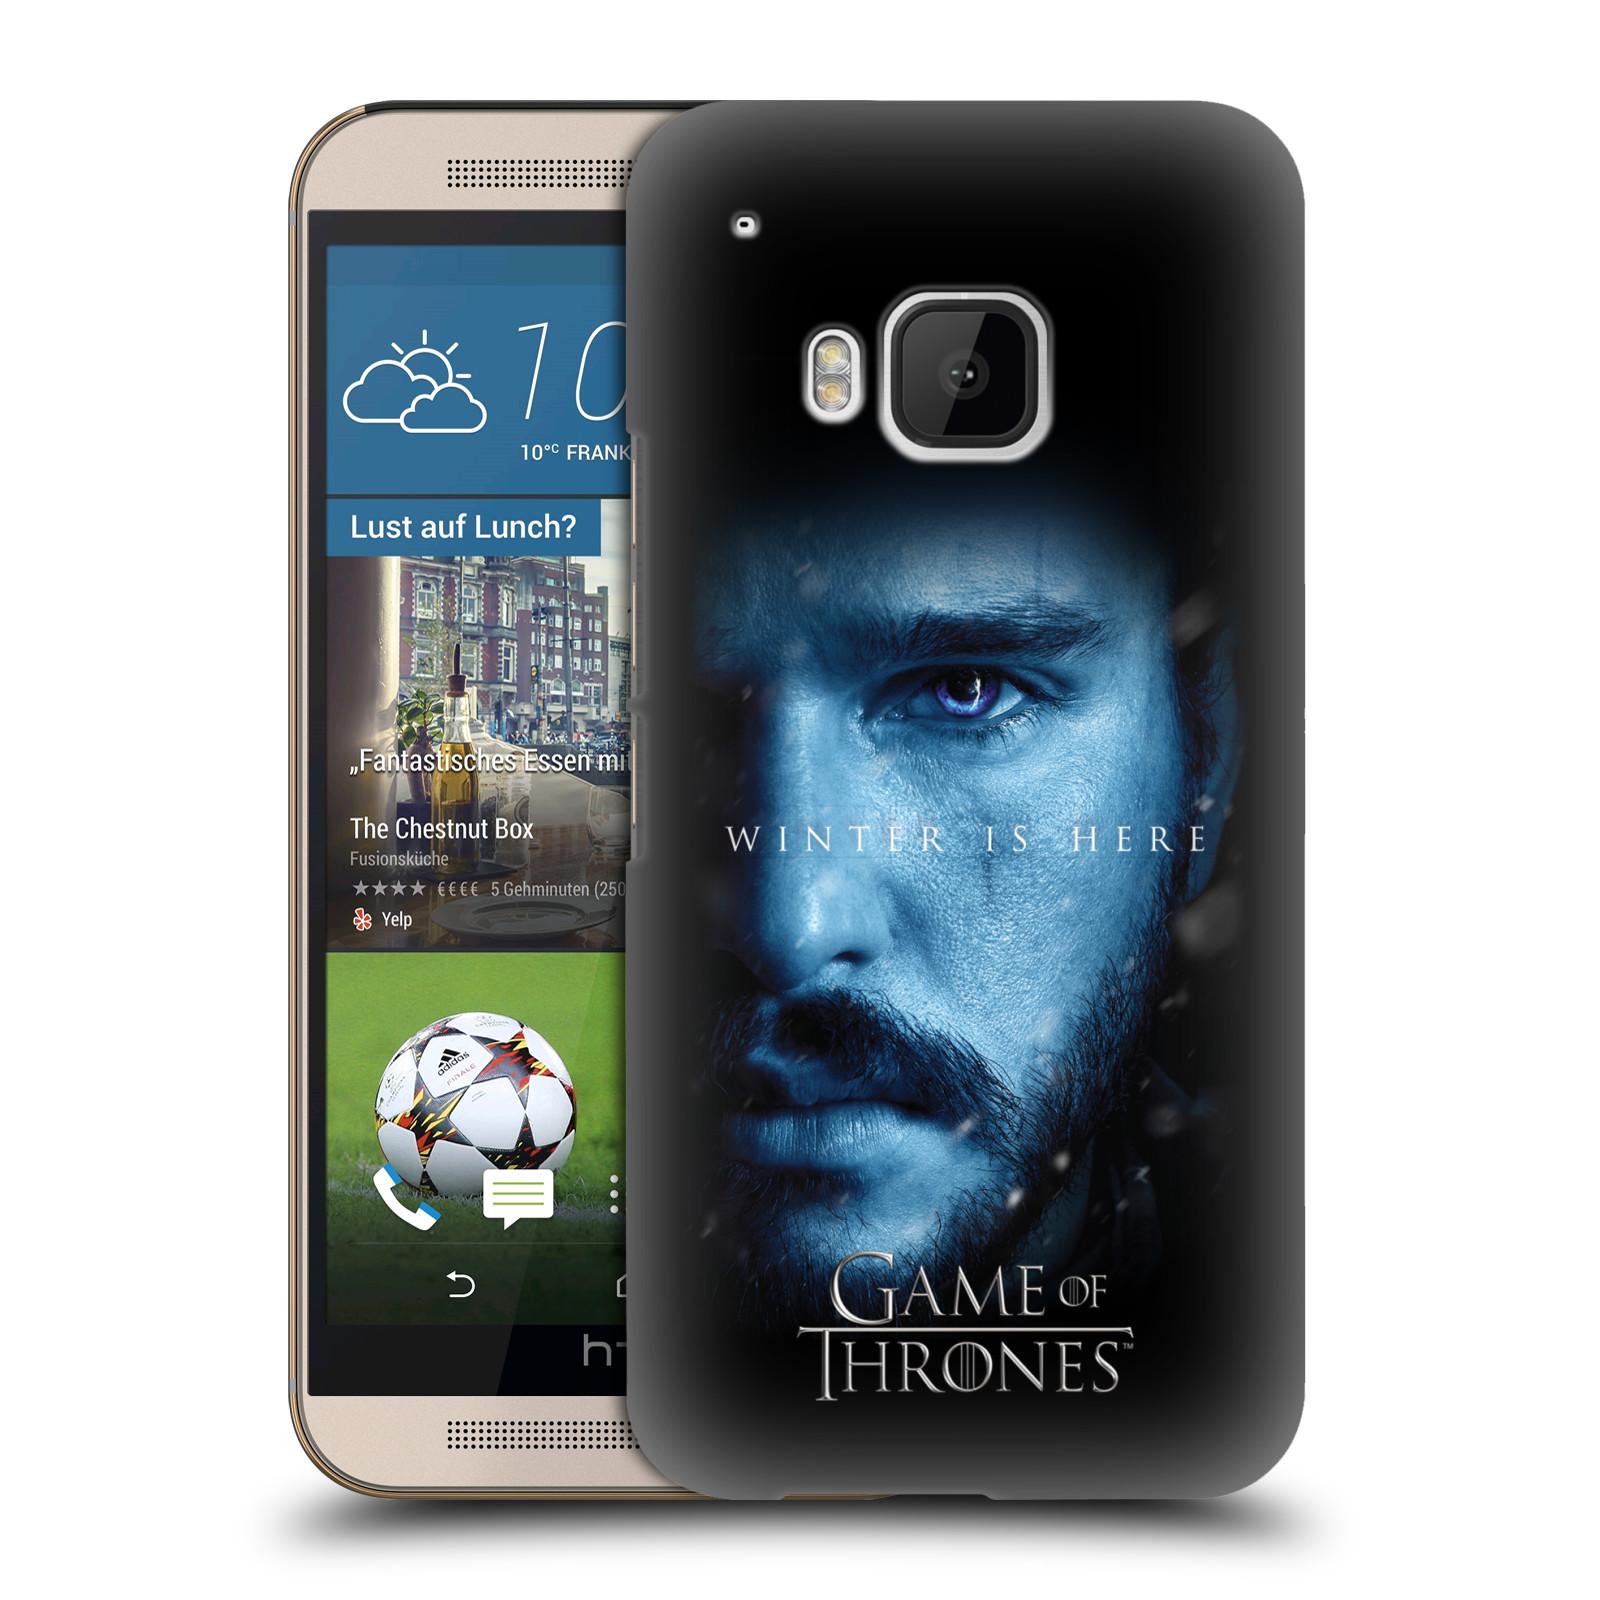 Plastové pouzdro na mobil HTC ONE M9 - Head Case - Hra o trůny - Jon Snow - Winter is here (Plastový kryt či obal na mobilní telefon s motivem Game of Thrones - Jon Snow - Winter is here - Season 7 pro HTC ONE M9)